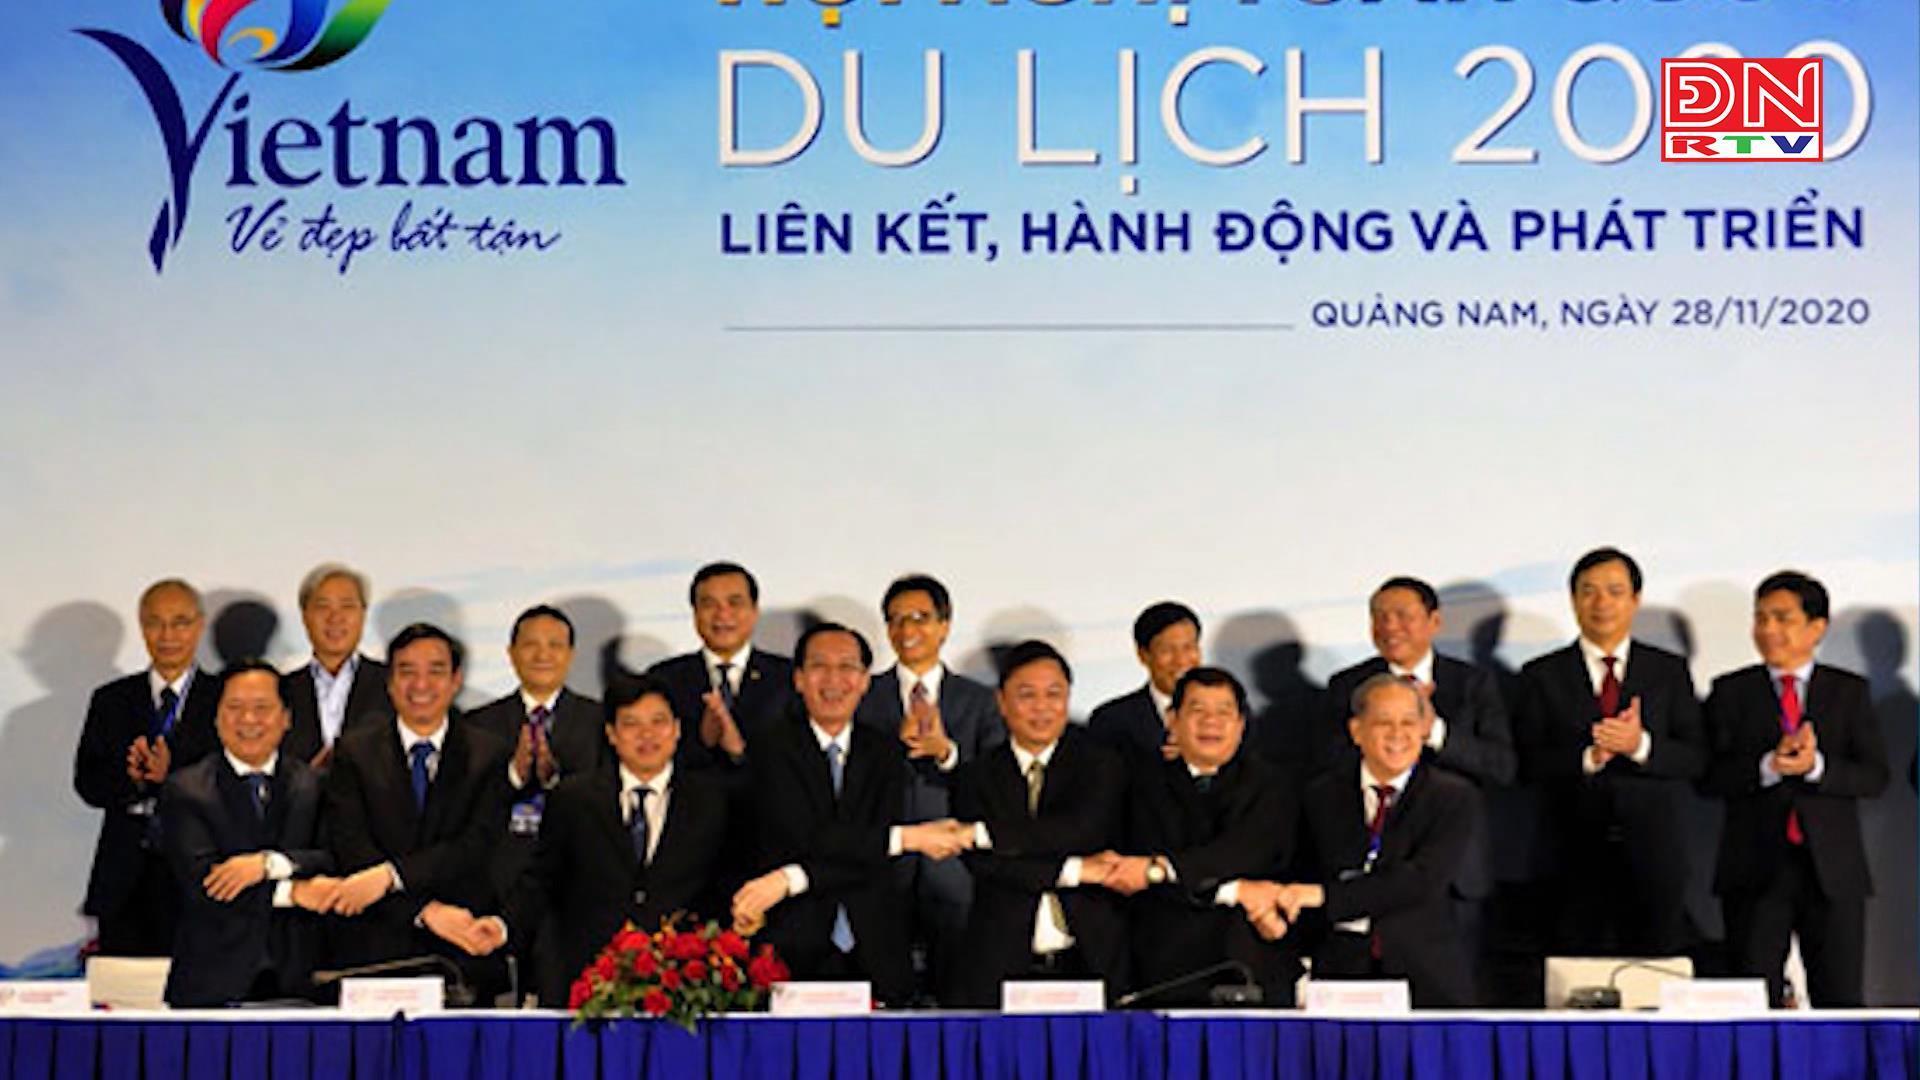 Hội nghị toàn quốc du lịch 2020: Liên kết, hành động để phát triển